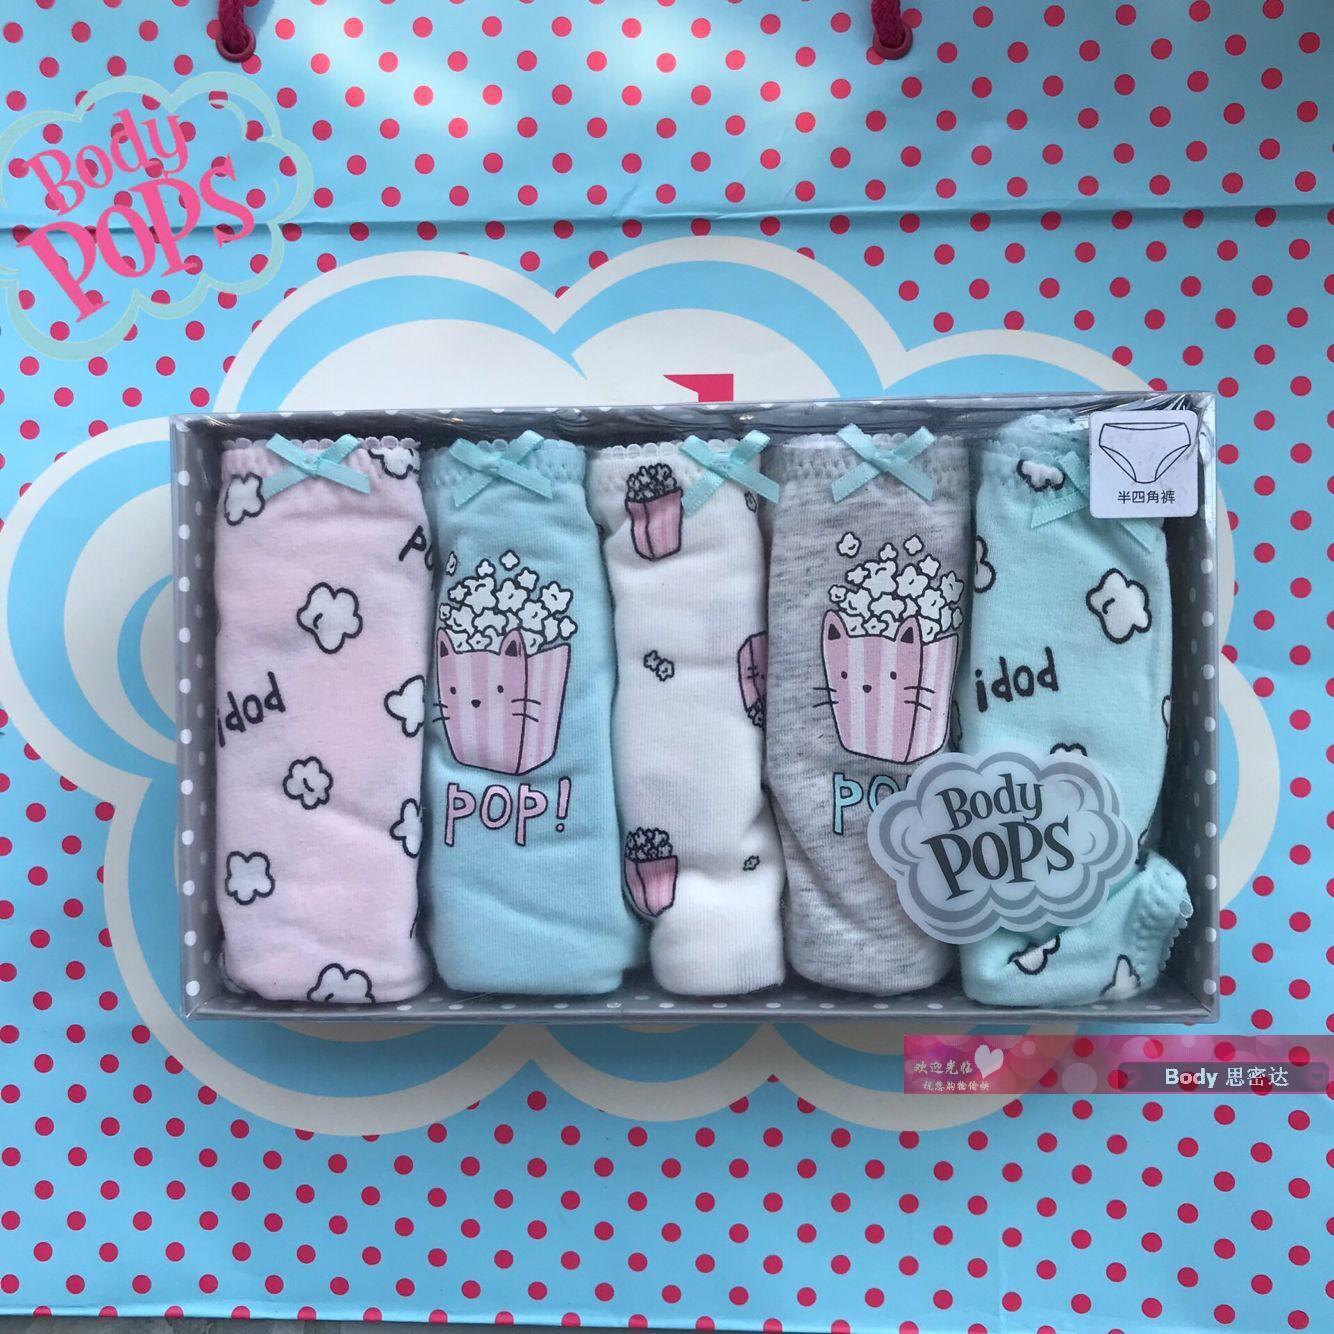 速发超值精选bodypops少女热卖爆款礼盒装五条星期内裤BCWP94TC62